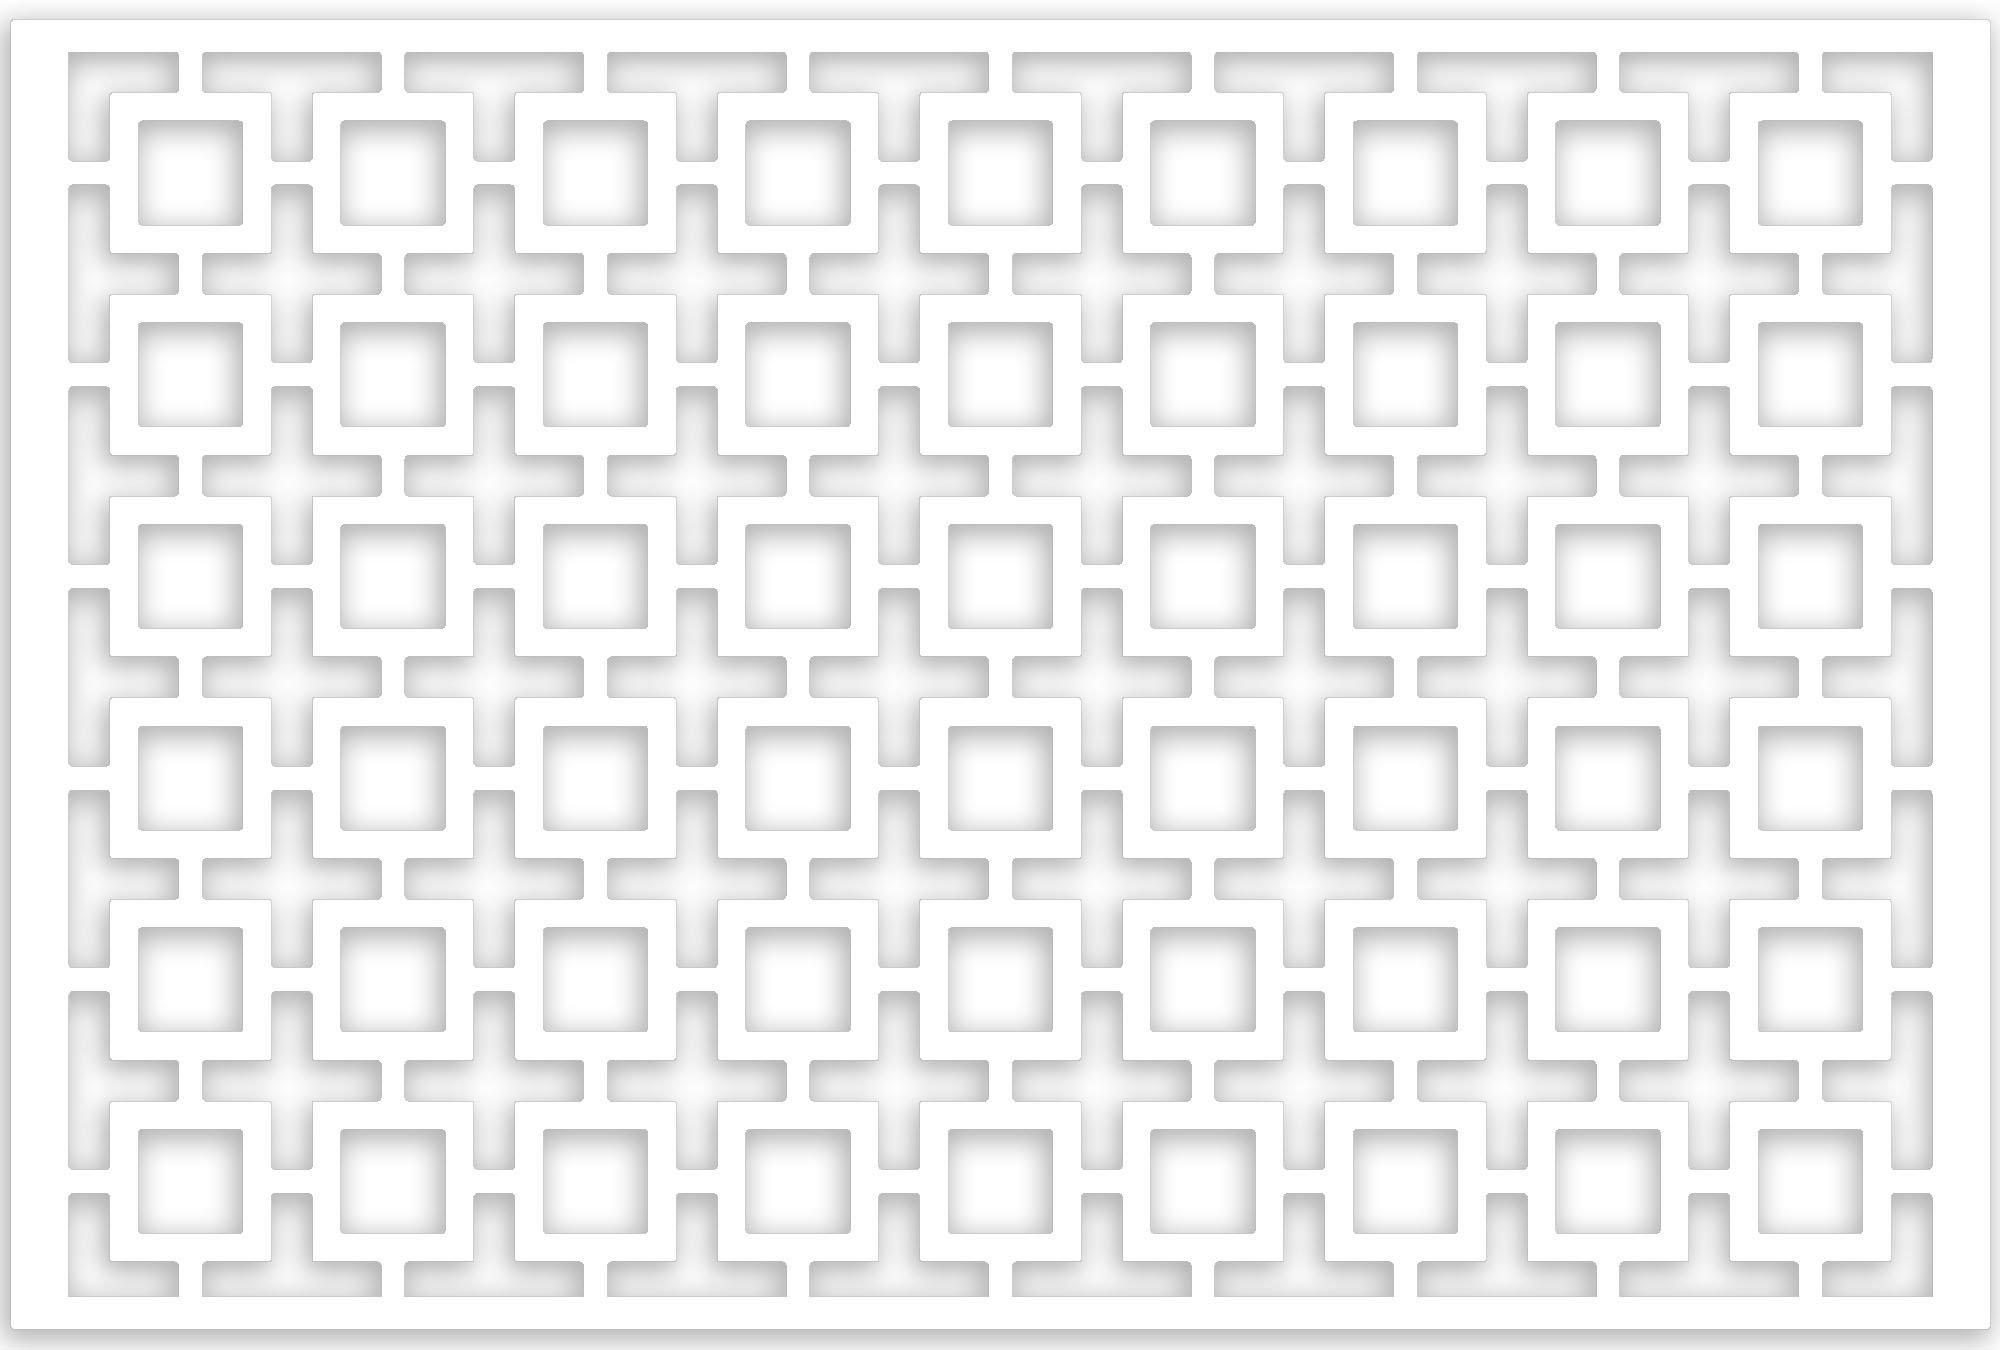 Acurio Lattice Retro Squares Outdoor Decor Panel Screen